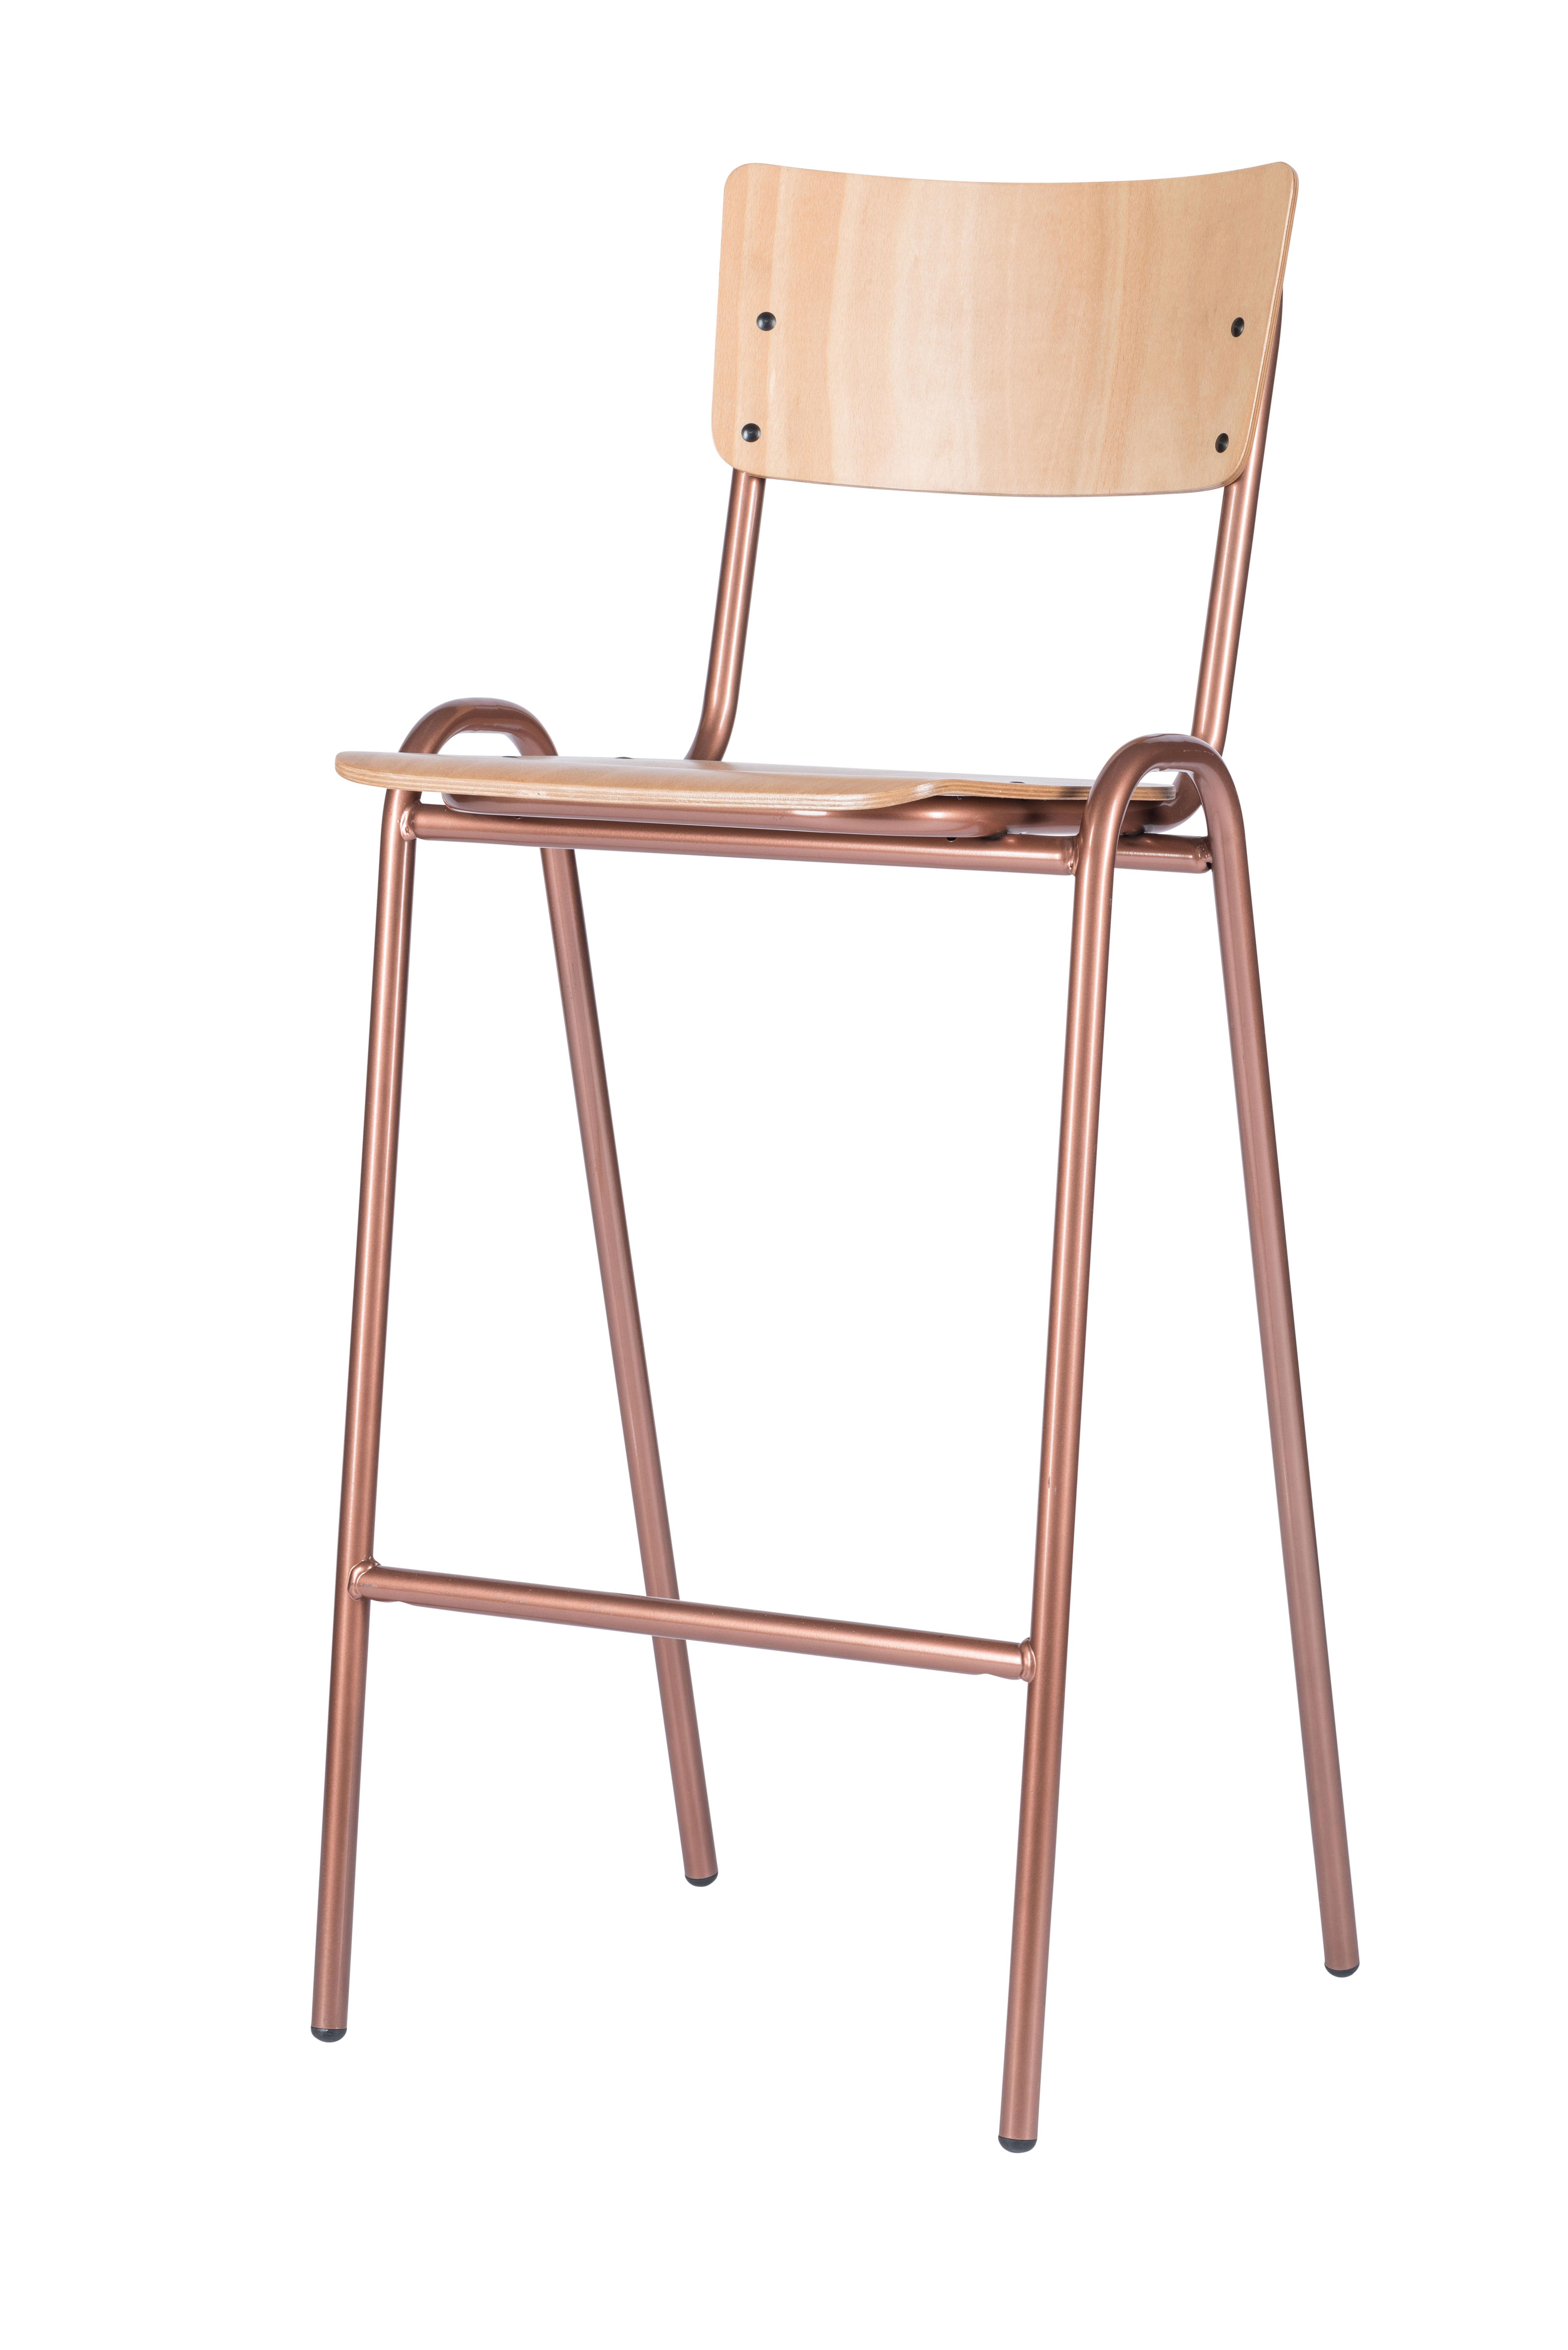 Retro Copper barkr - Barkruk Retro Copper